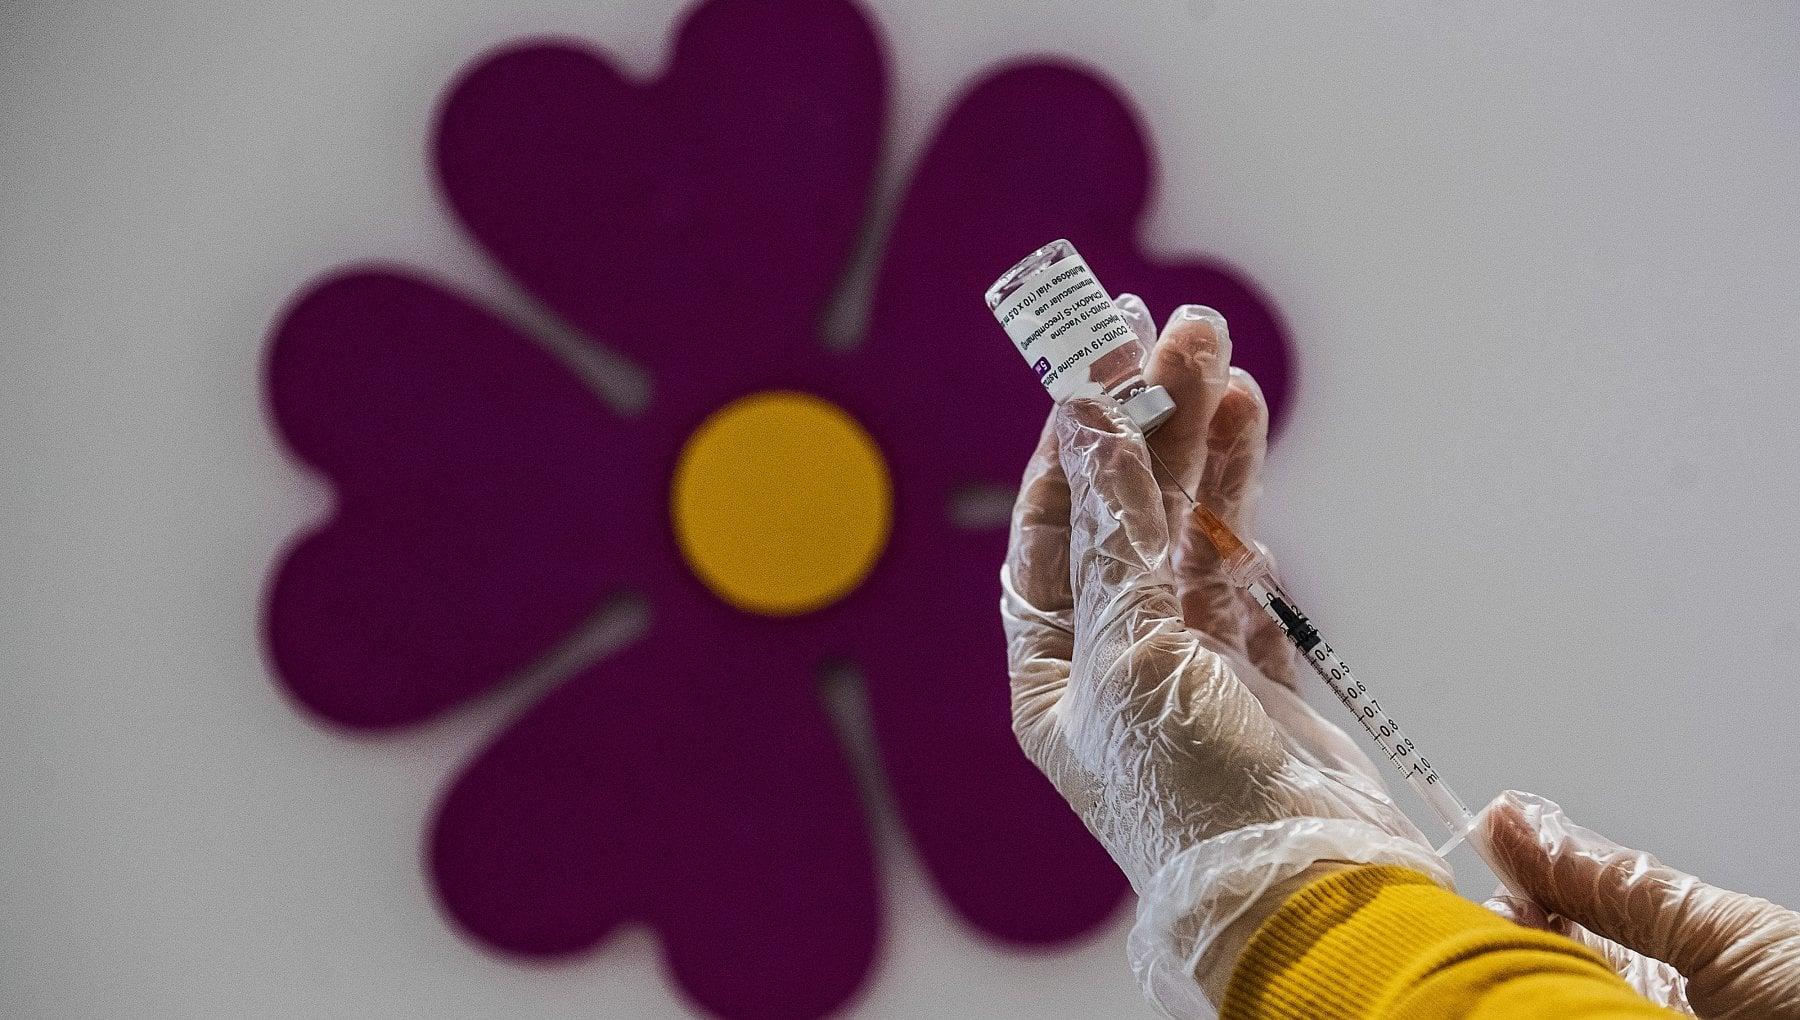 001559298 1b2397ed 3615 493b be59 b84940c9221b - Coronavirus nel mondo: l'Olanda sospende fino al 28 marzo il vaccino AstraZeneca